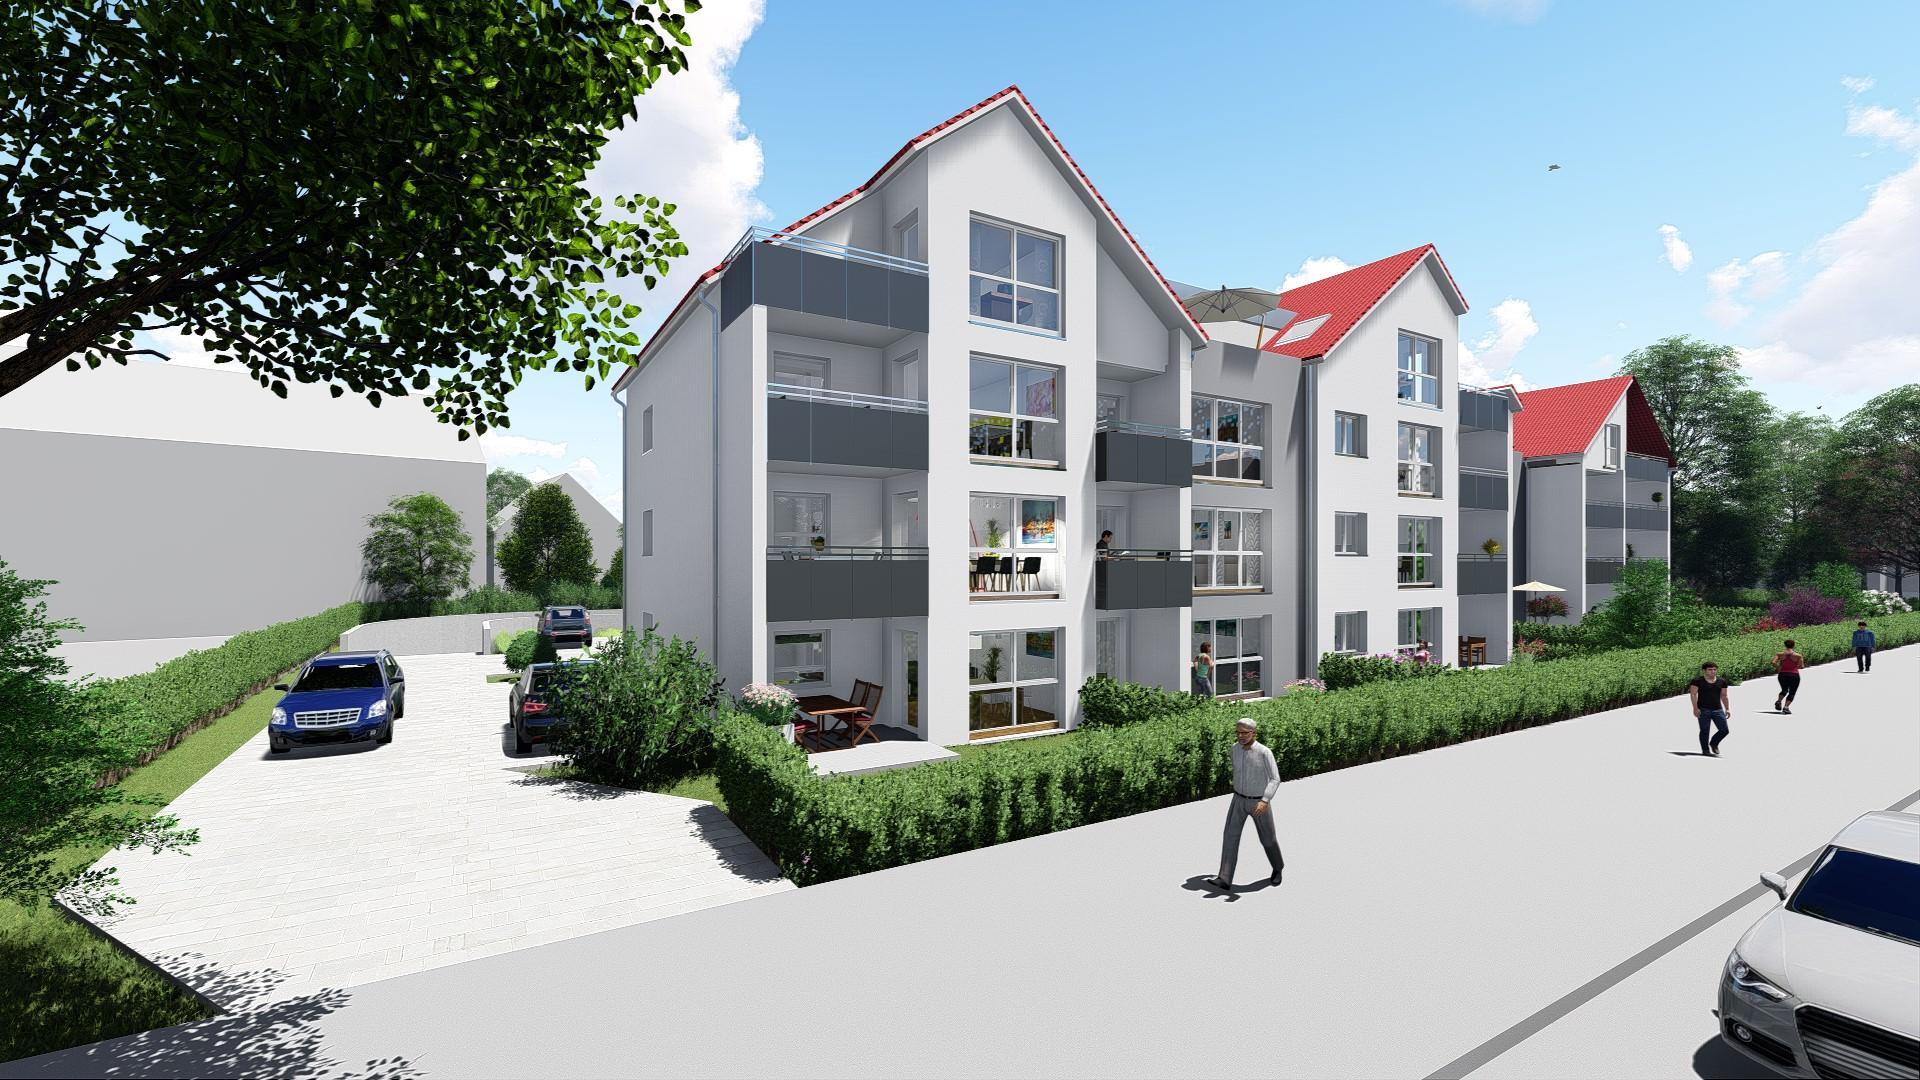 E-Mail schreiben an Nägele BAU Bauunternehmen Planungsbüro Bauträger ...